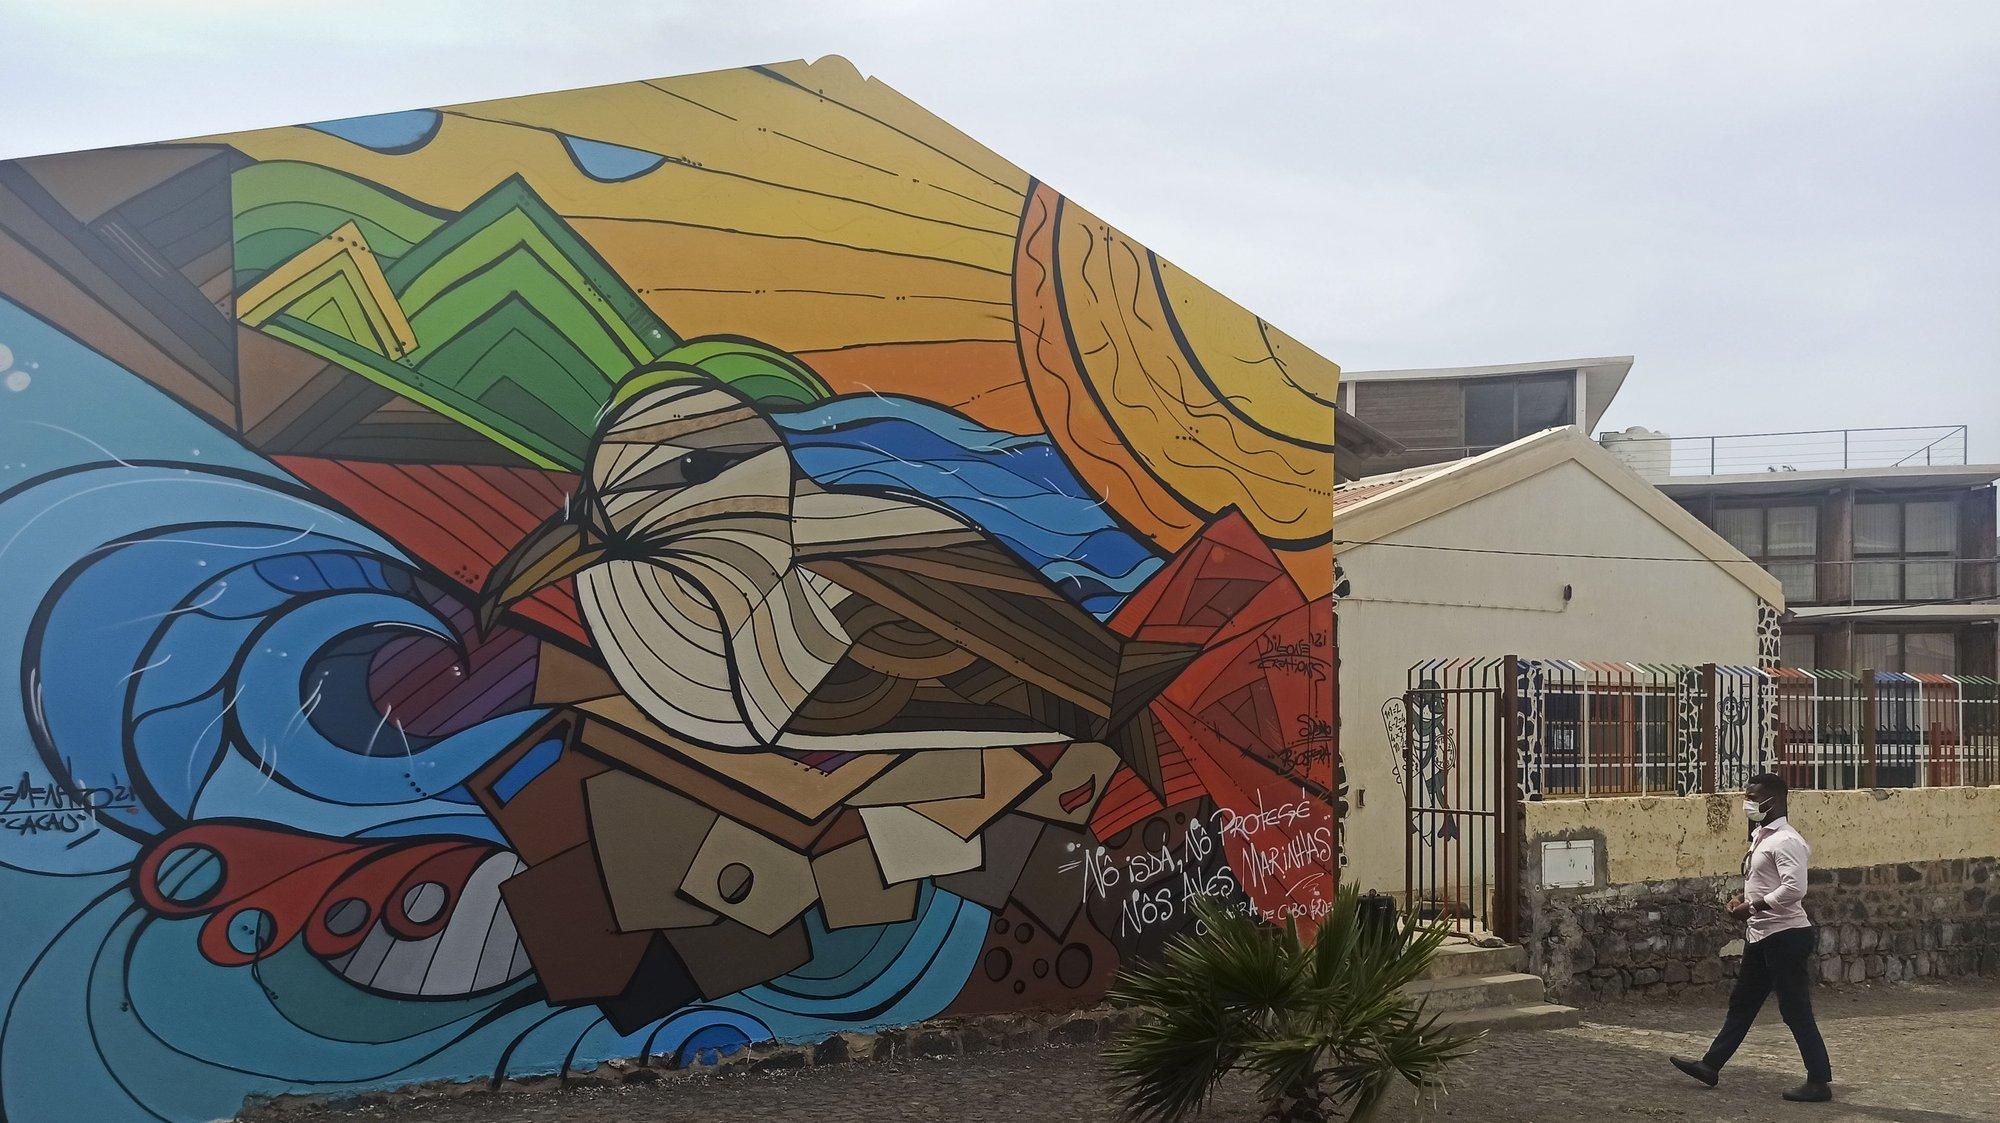 A associação ambientalista Biosfera Cabo Verde começou a pintar murais nas escolas da ilha de São Vicente para sensibilizar as crianças e as comunidades para a proteção das espécies marinhas, recriadas nestas verdadeiras obras de arte. Mindelo 11 de setembro de 2021. (ACOMPANHA TEXTO DO DIA 13 SETEMBRO 2021) SIDNEIA NEWTON / LUSA